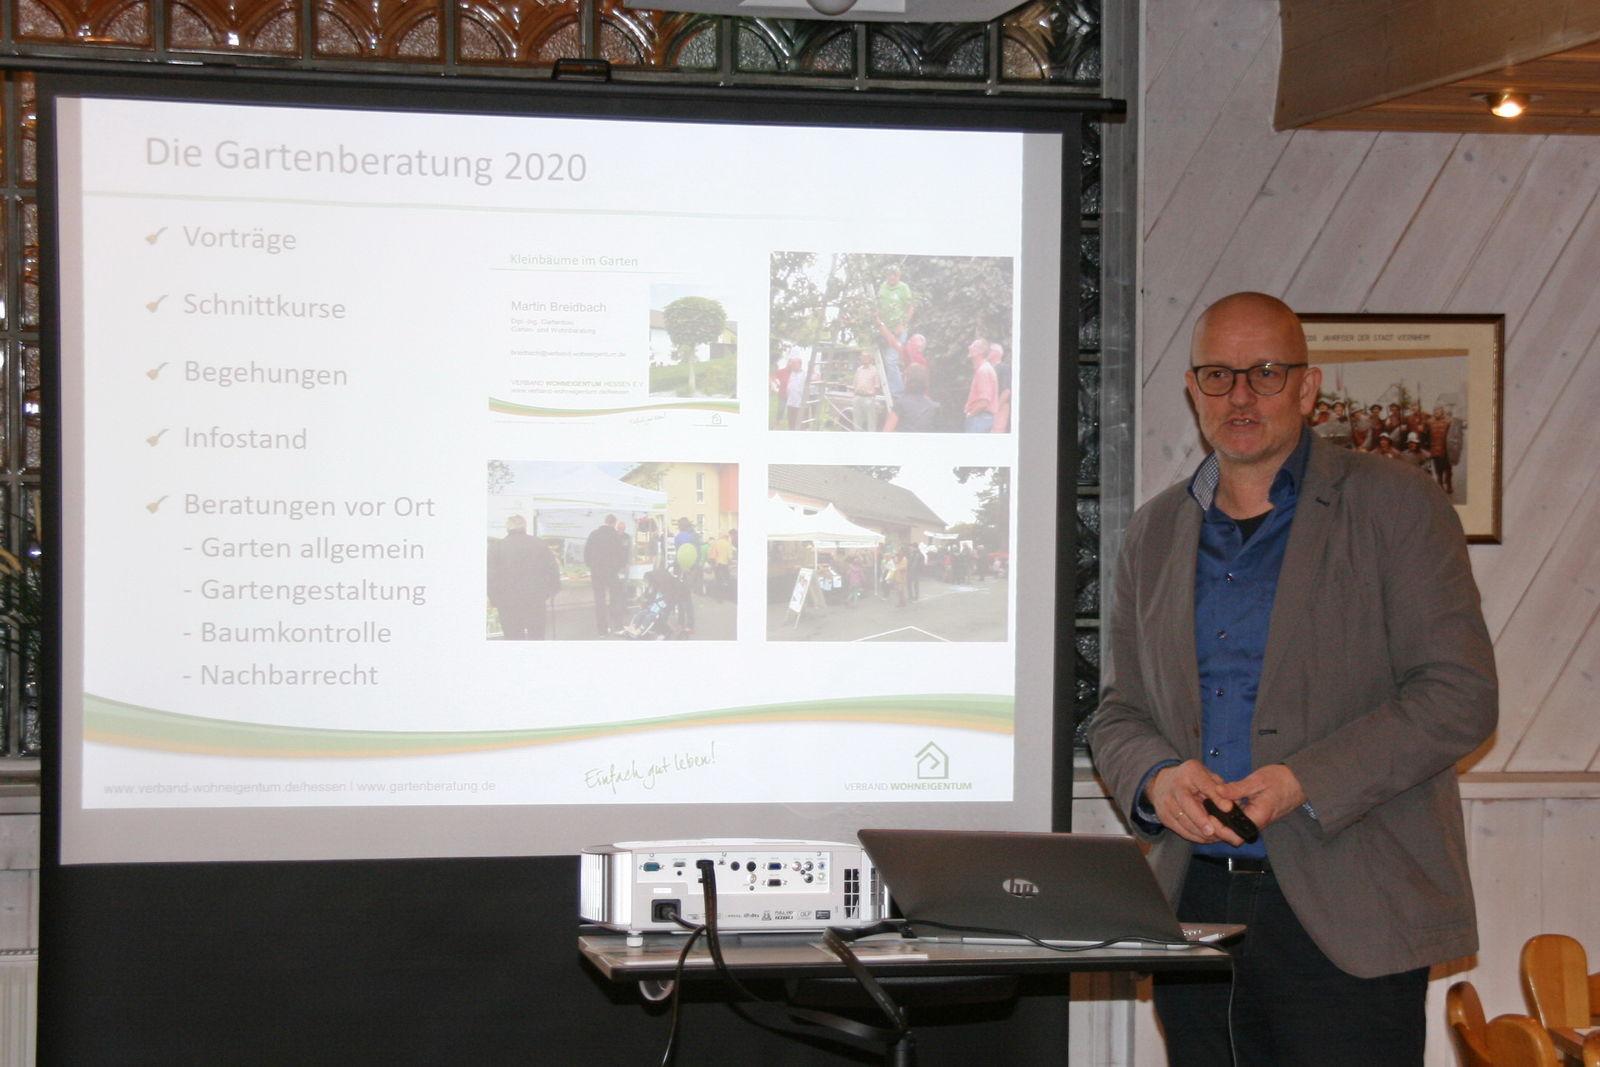 Martin Breidbach während des Vortrages